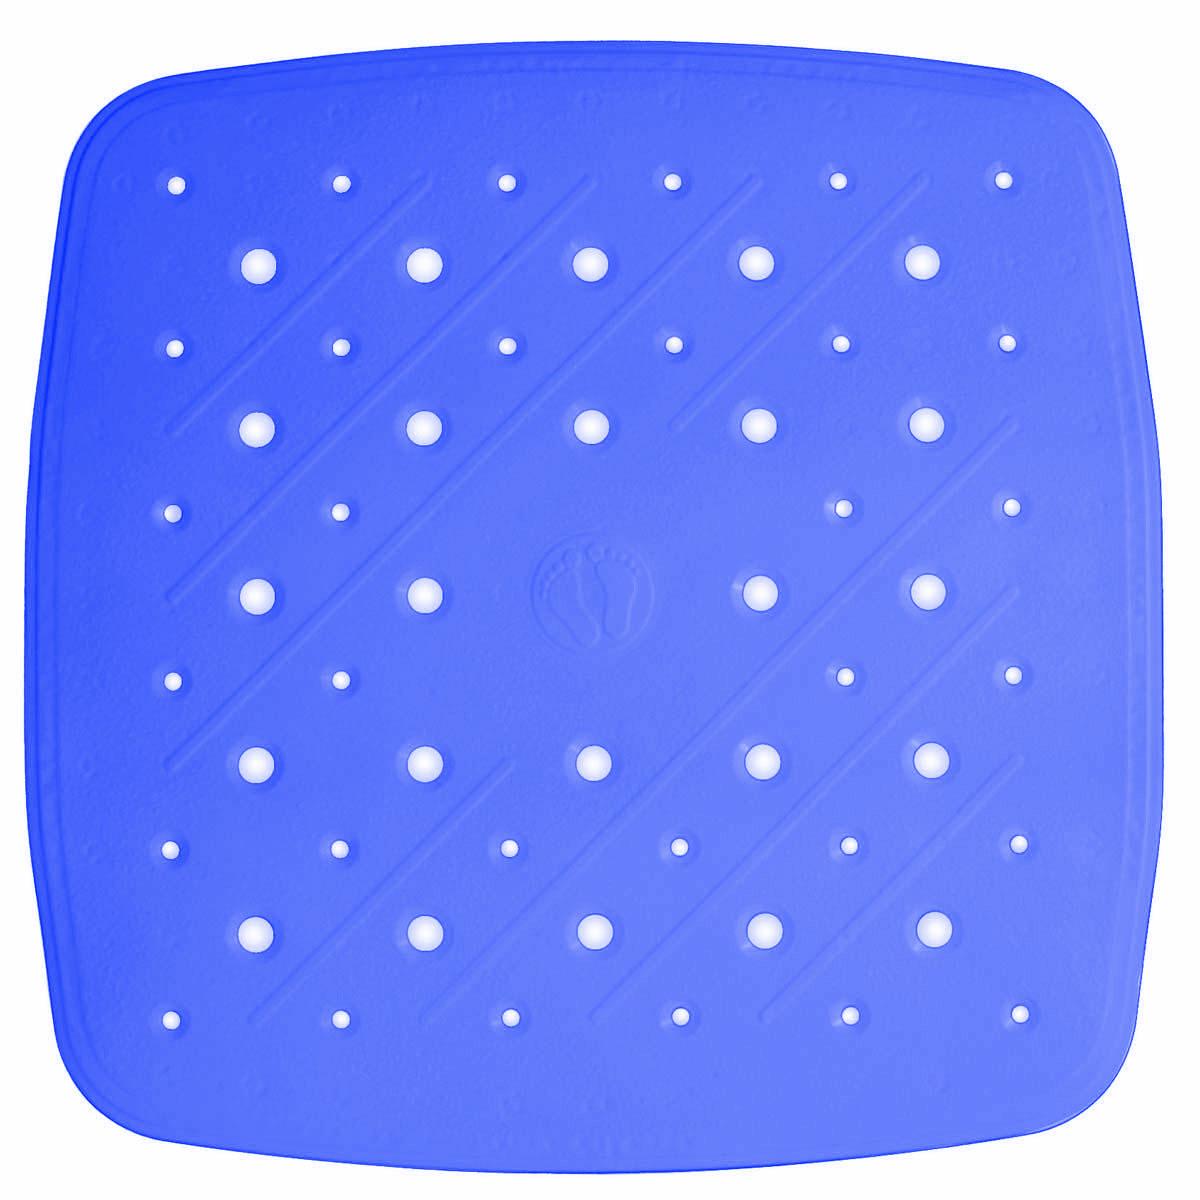 Коврик для ванной Ridder Promo, противоскользящий, на присосках, цвет: синий, 51 х 51 смRG-D31SВысококачественный немецкий коврик Ridder Promo создан для вашего удобства.Состав и свойства противоскользящего коврика: - синтетический каучук и ПВХ с защитой от плесени и грибка; - имеются присоски для крепления. Безопасность изделия соответствует стандартам LGA (Германия).